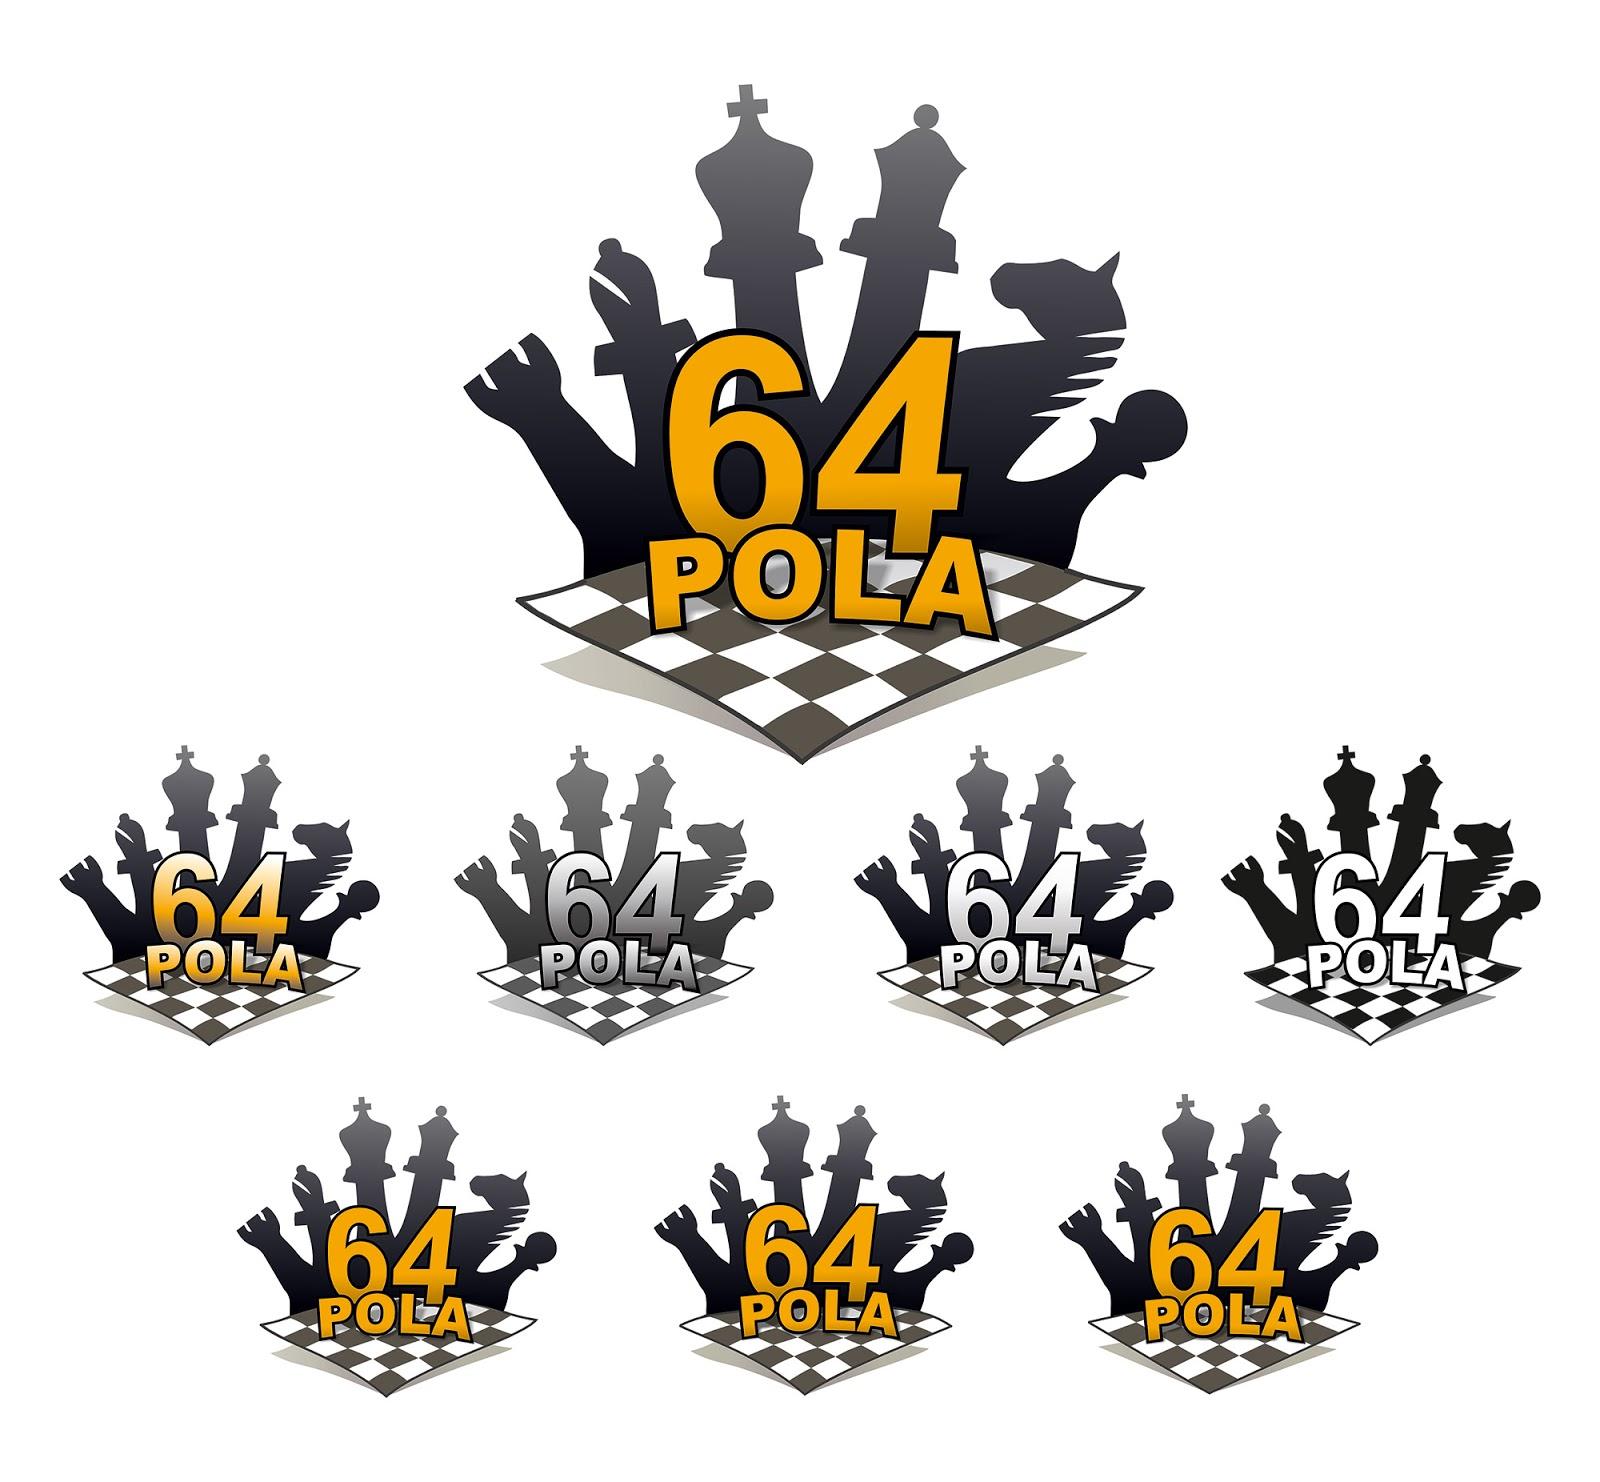 64 pola logo szachy